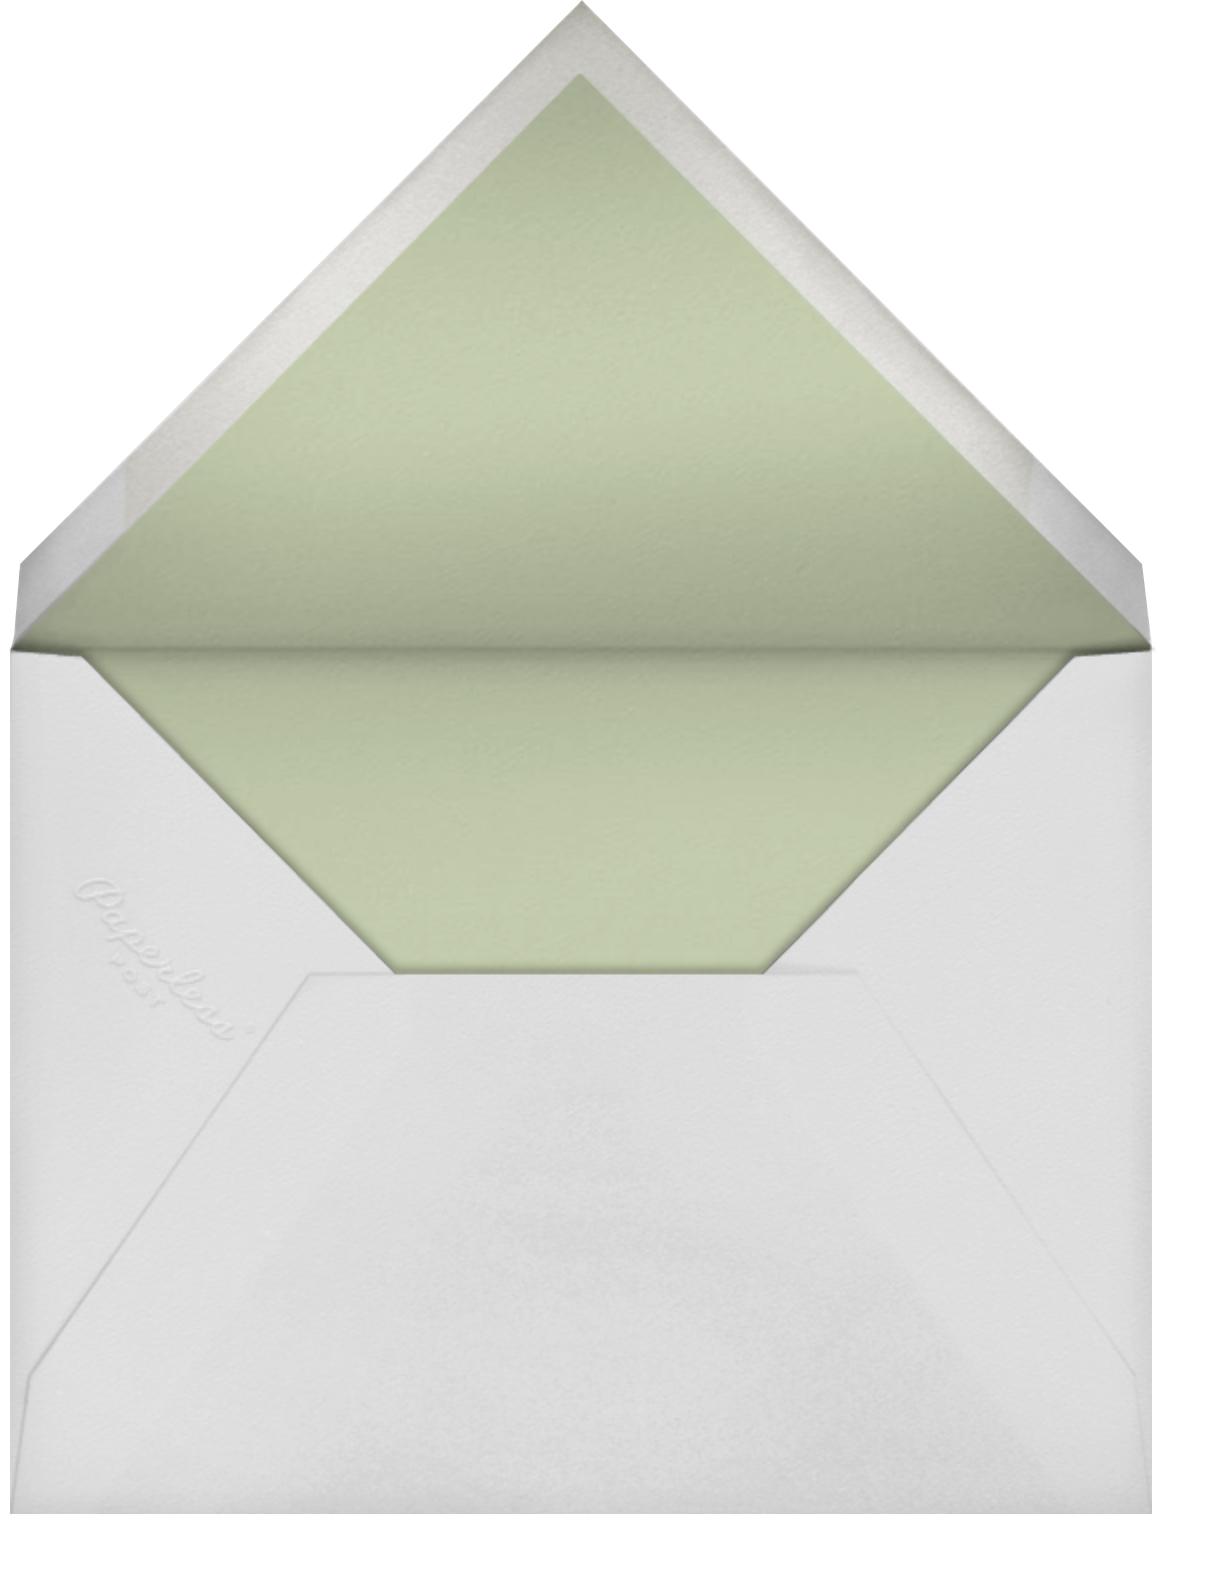 Love Nest (Invitation) - Paperless Post - Bridal shower - envelope back